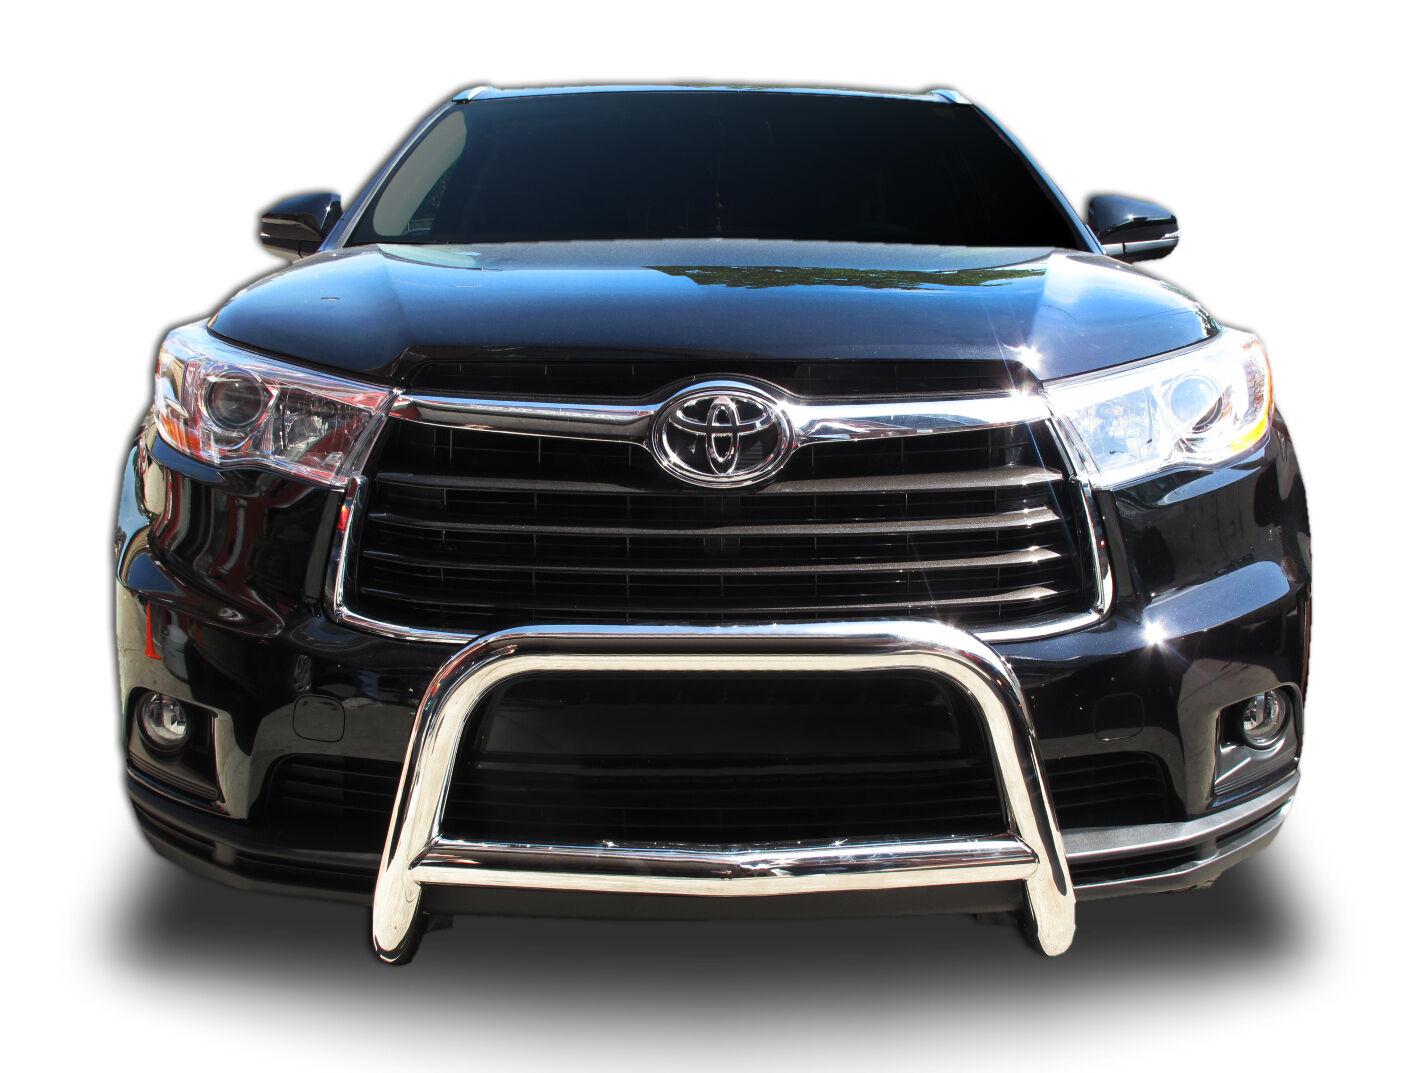 Toyota Highlander Service Manual: Front bumper